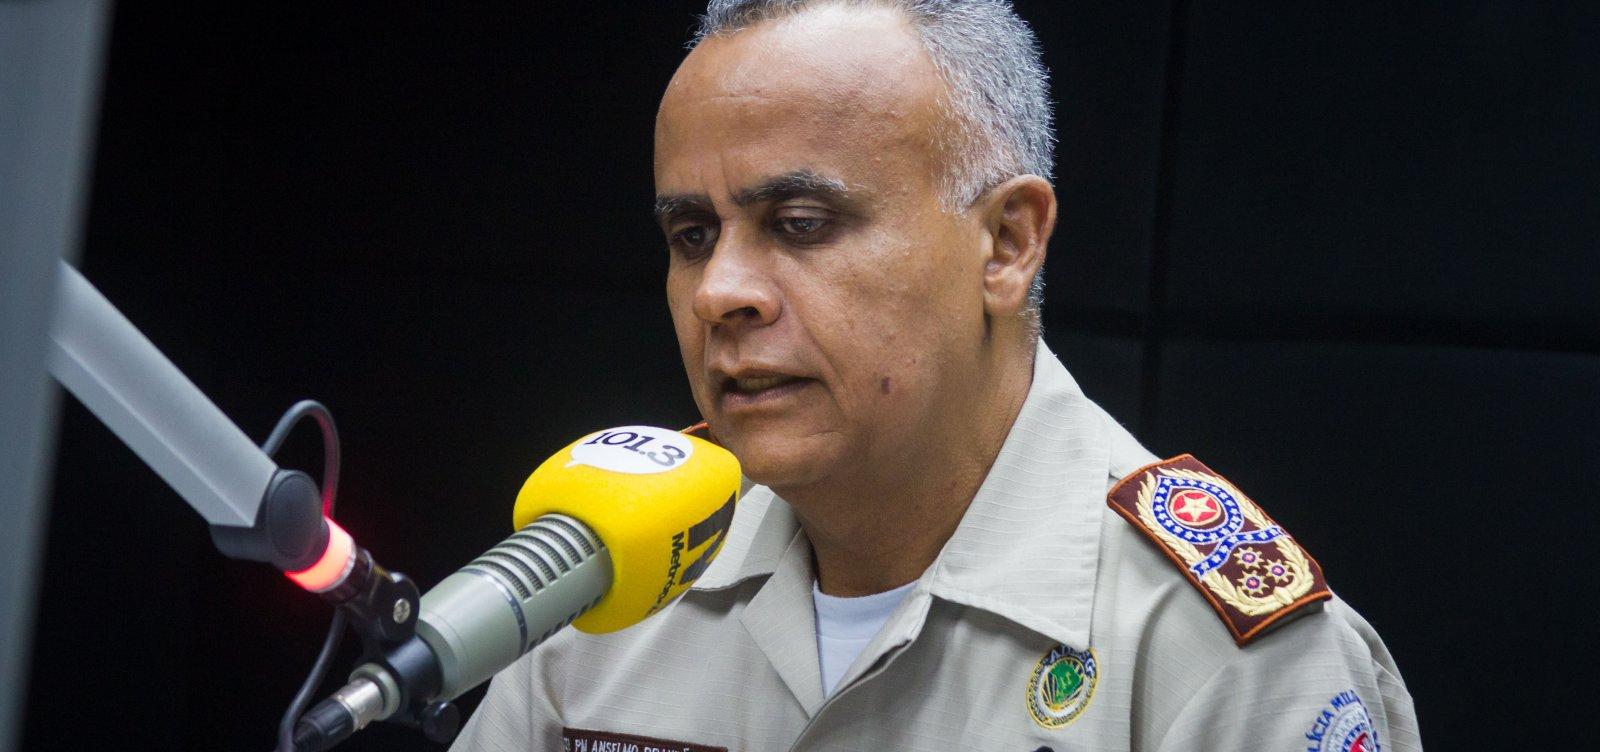 [Segundo turno na Bahia terá esquema de segurança com 25 mil policiais]